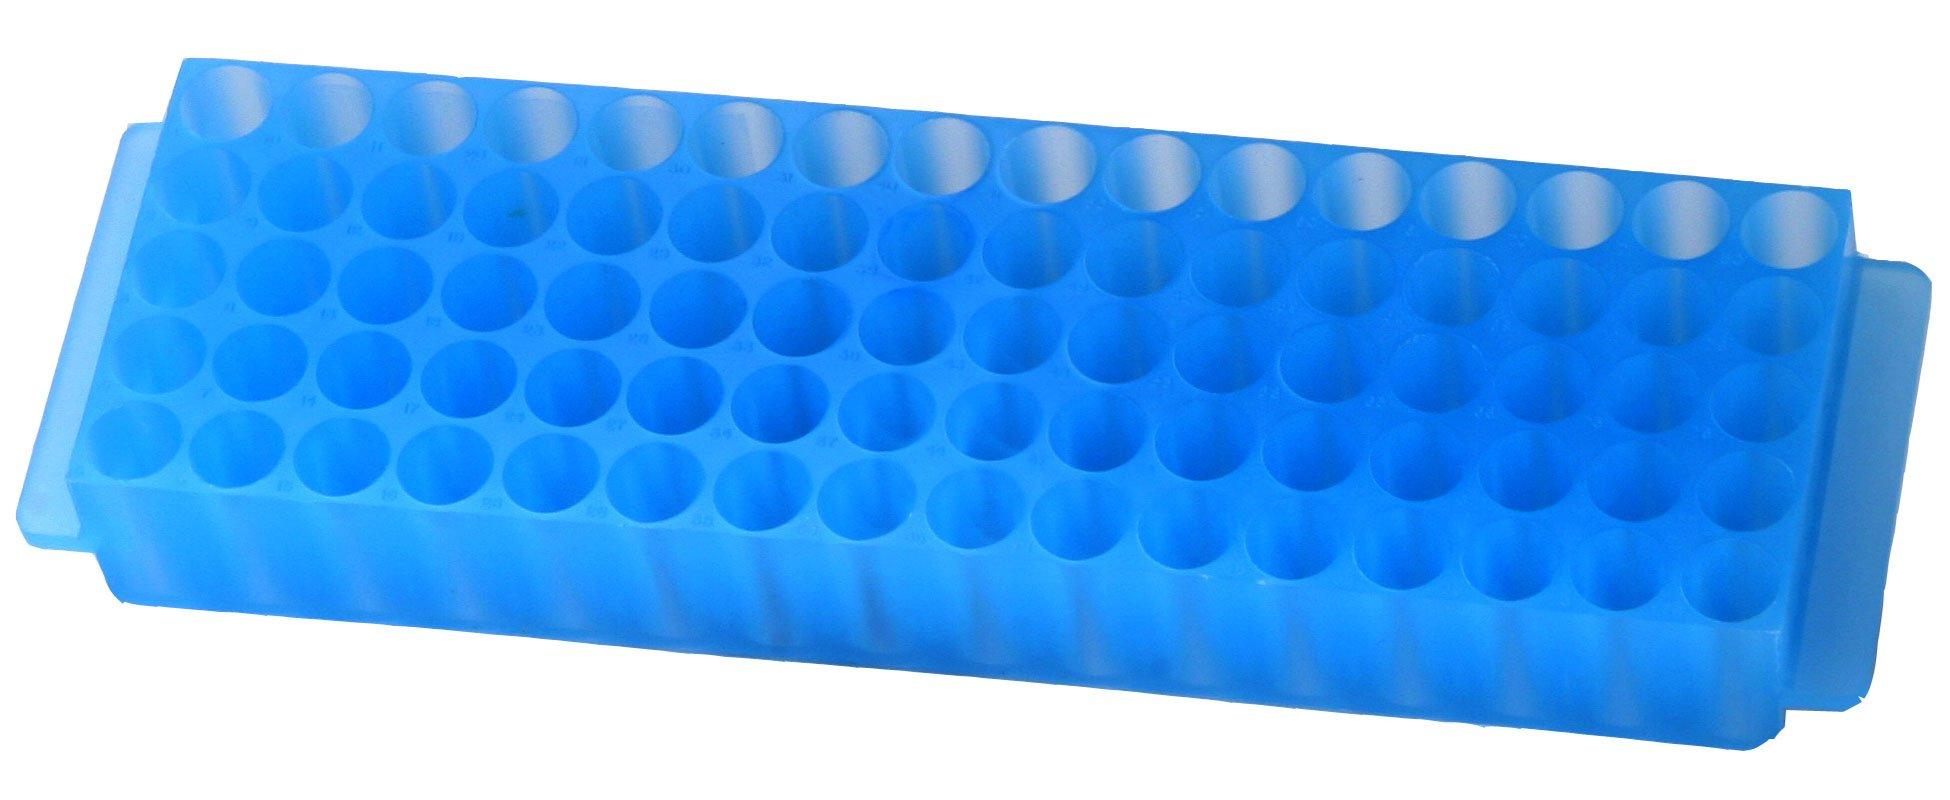 80-Well Microcentrifuge Tube Rack - Blue